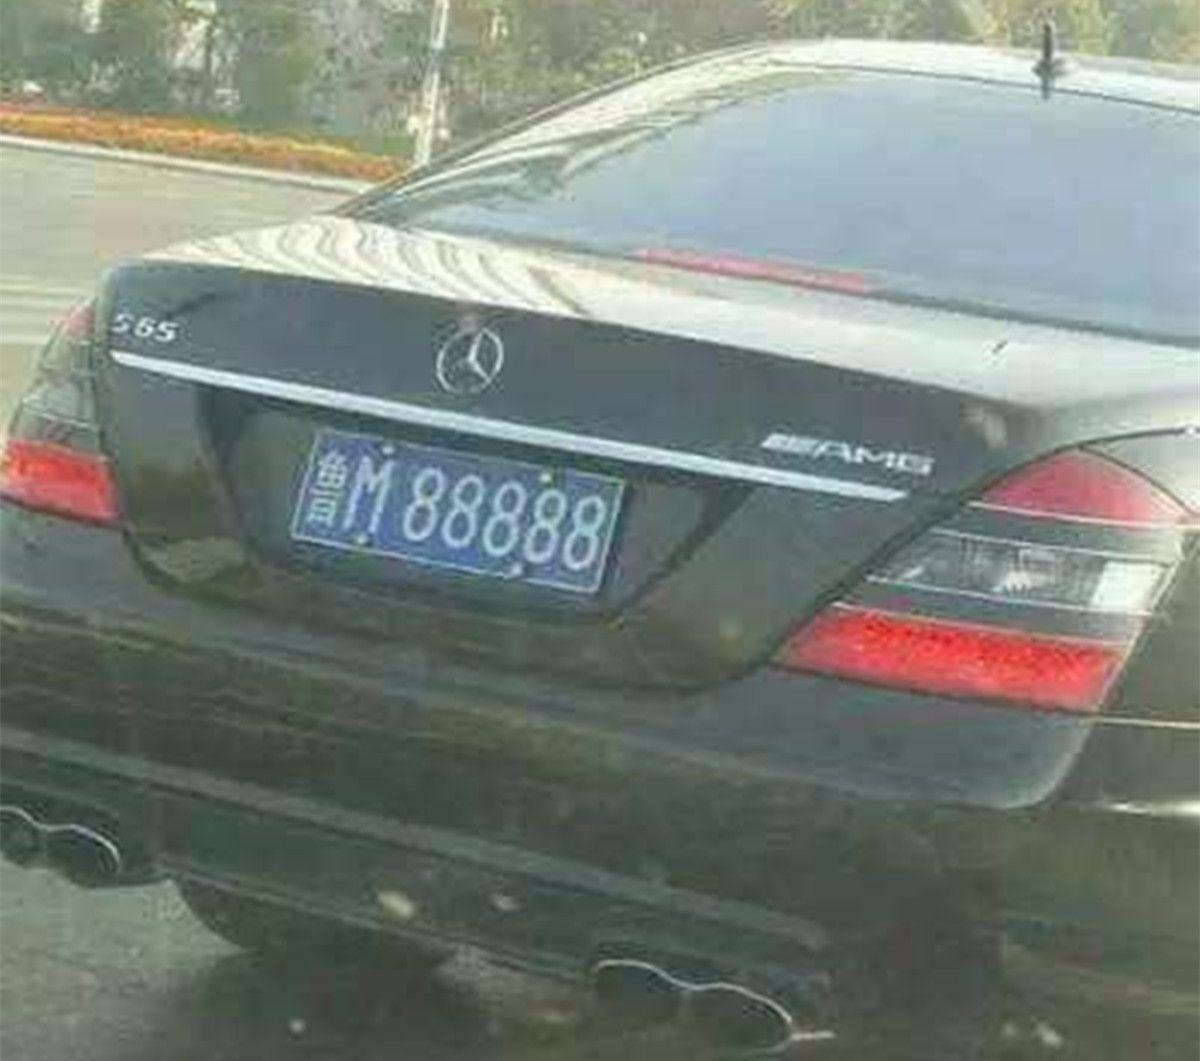 山东首富张士平,座驾是防弹奔驰车,车牌号鲁M88888